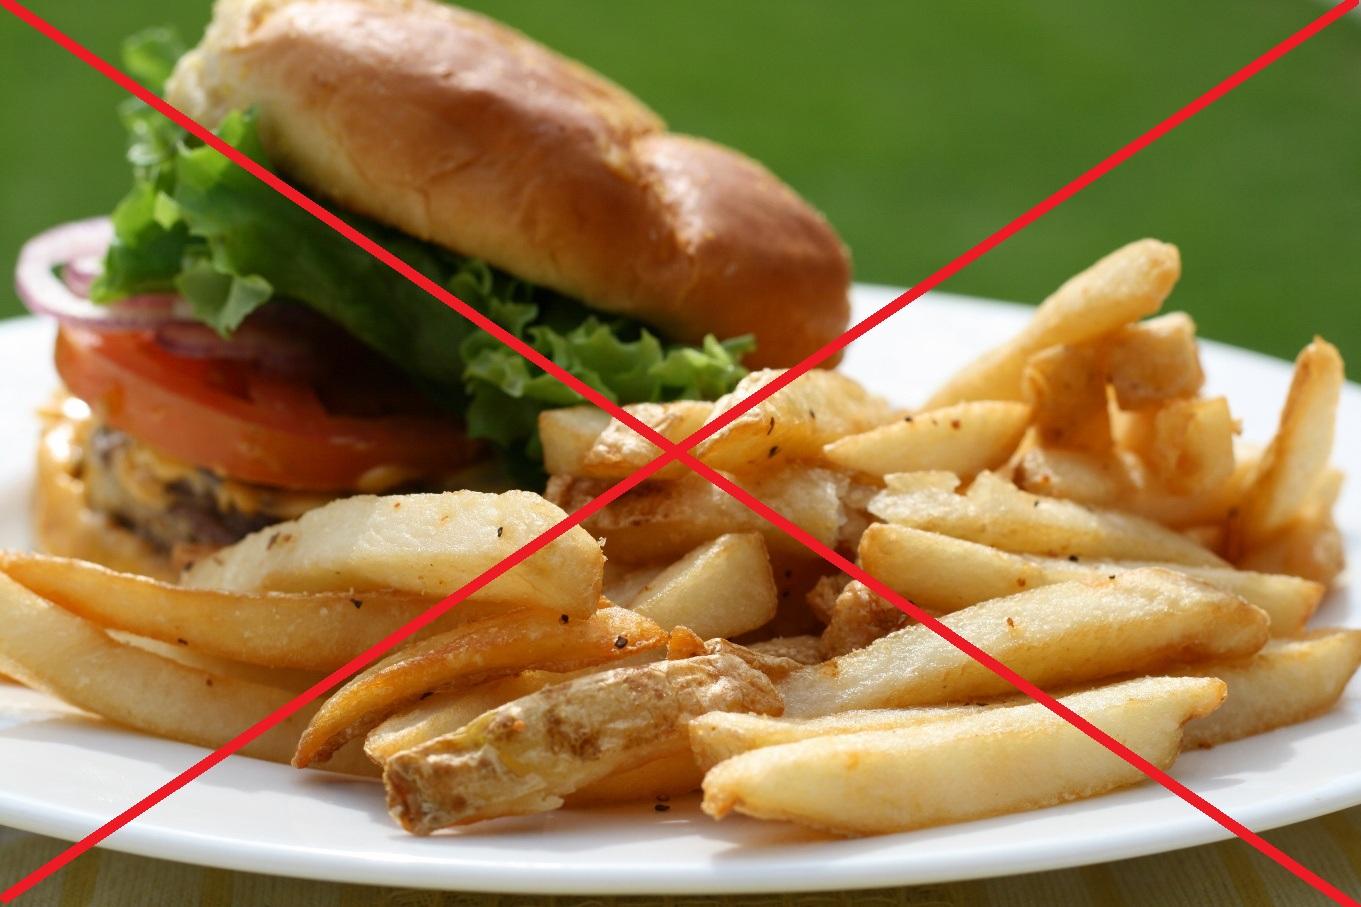 какую диету нужно соблюдать при повышенном холестерине